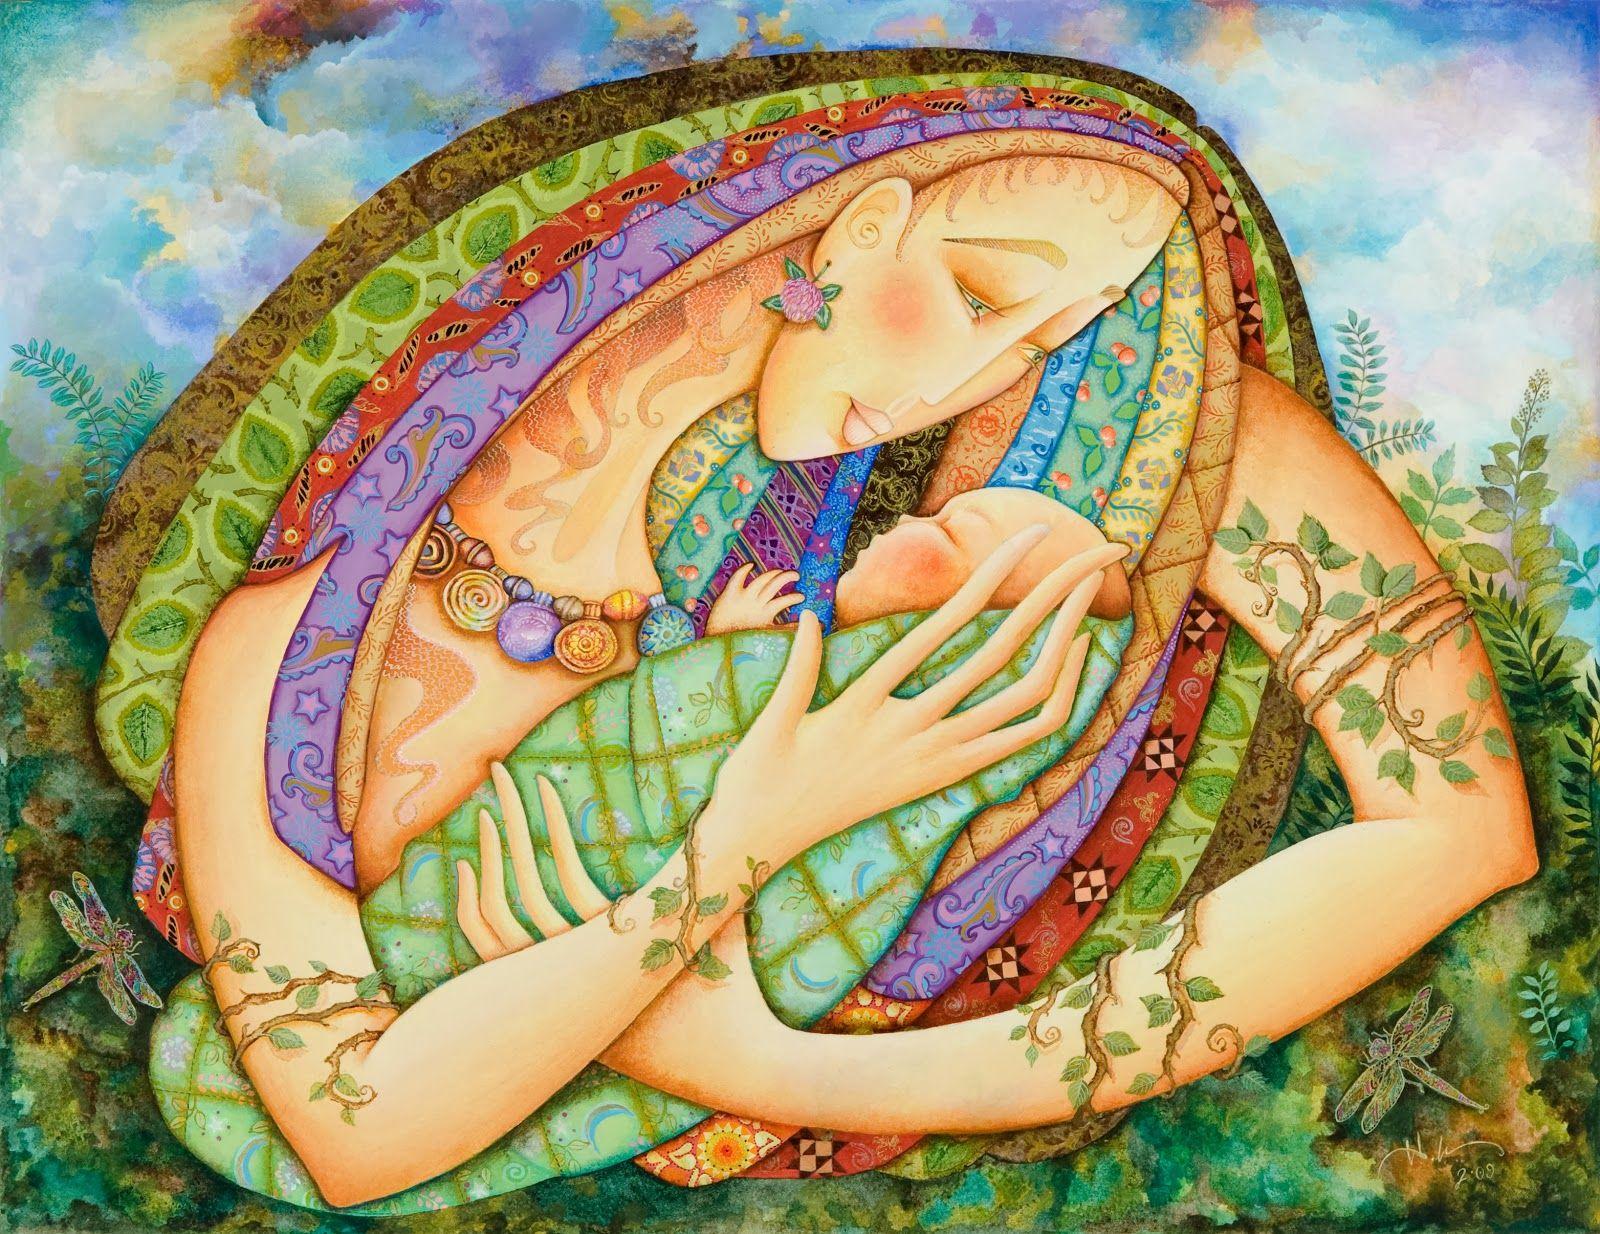 Tester per amici - Provo, invento cerco e creo  il bello della Vita!!: Donne  il bello della Vita!! #MaterNatura..... #Be...